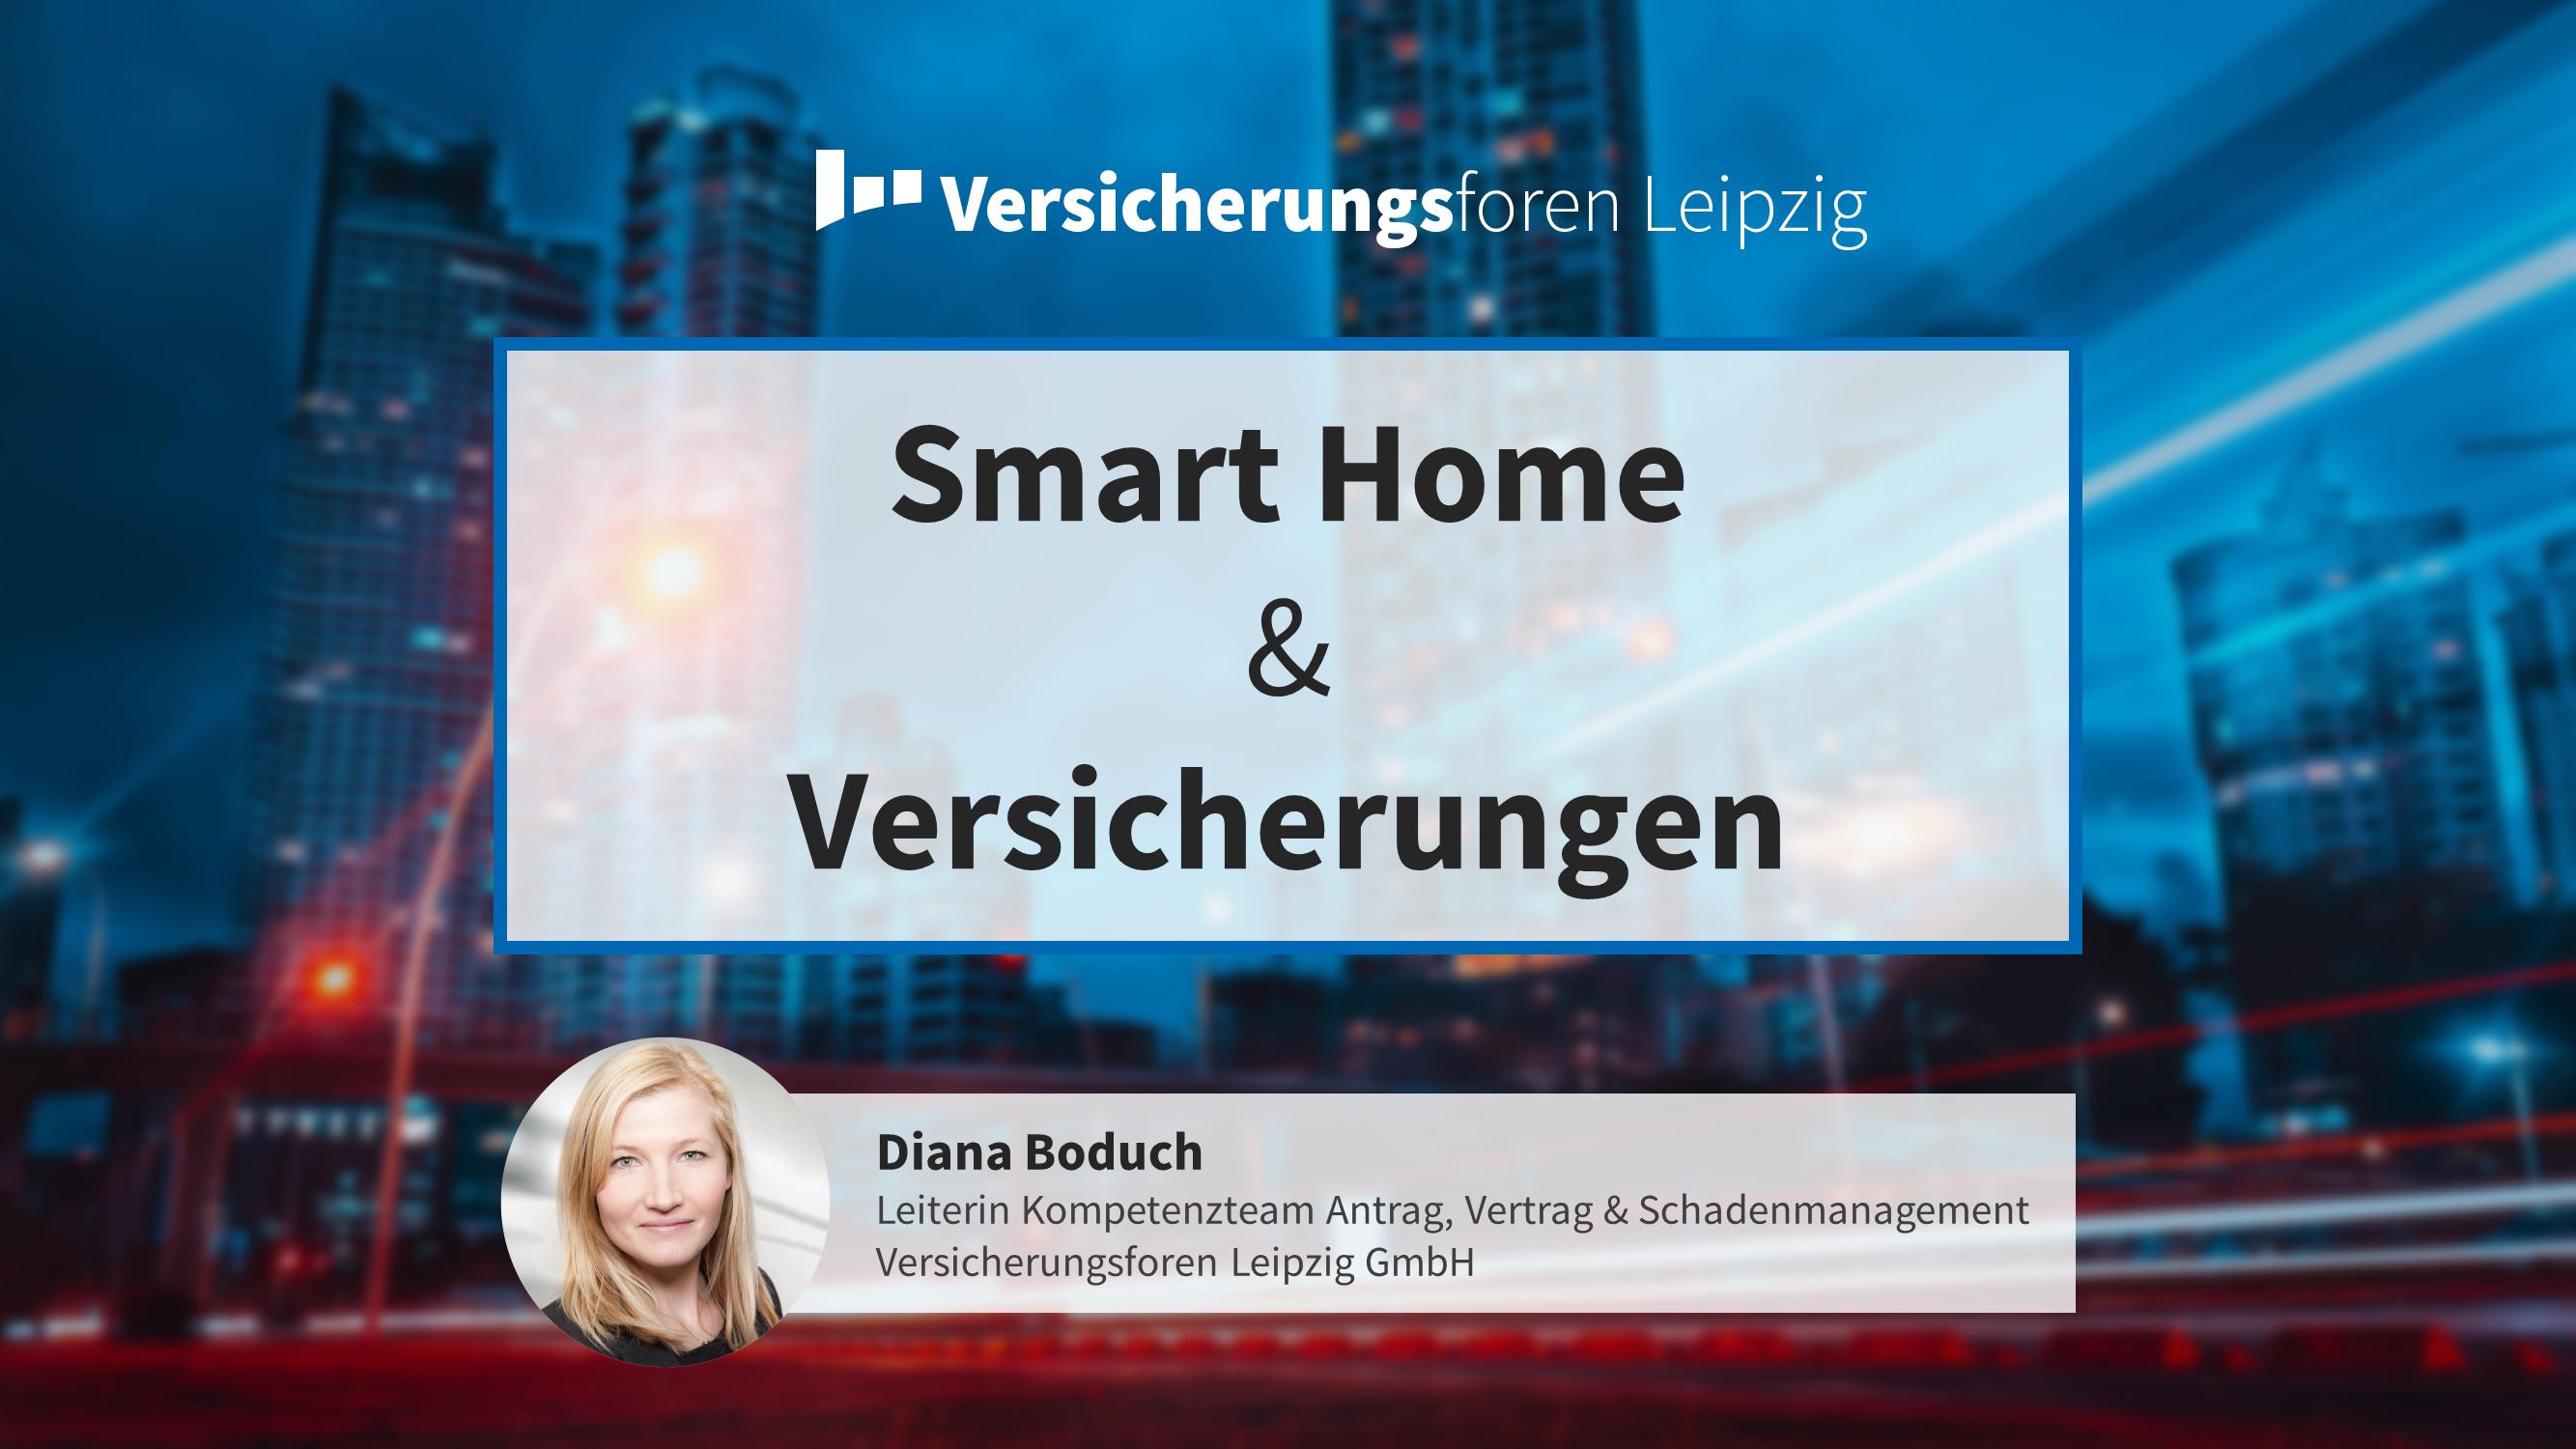 Web Based Training: Smart Home & Versicherungen